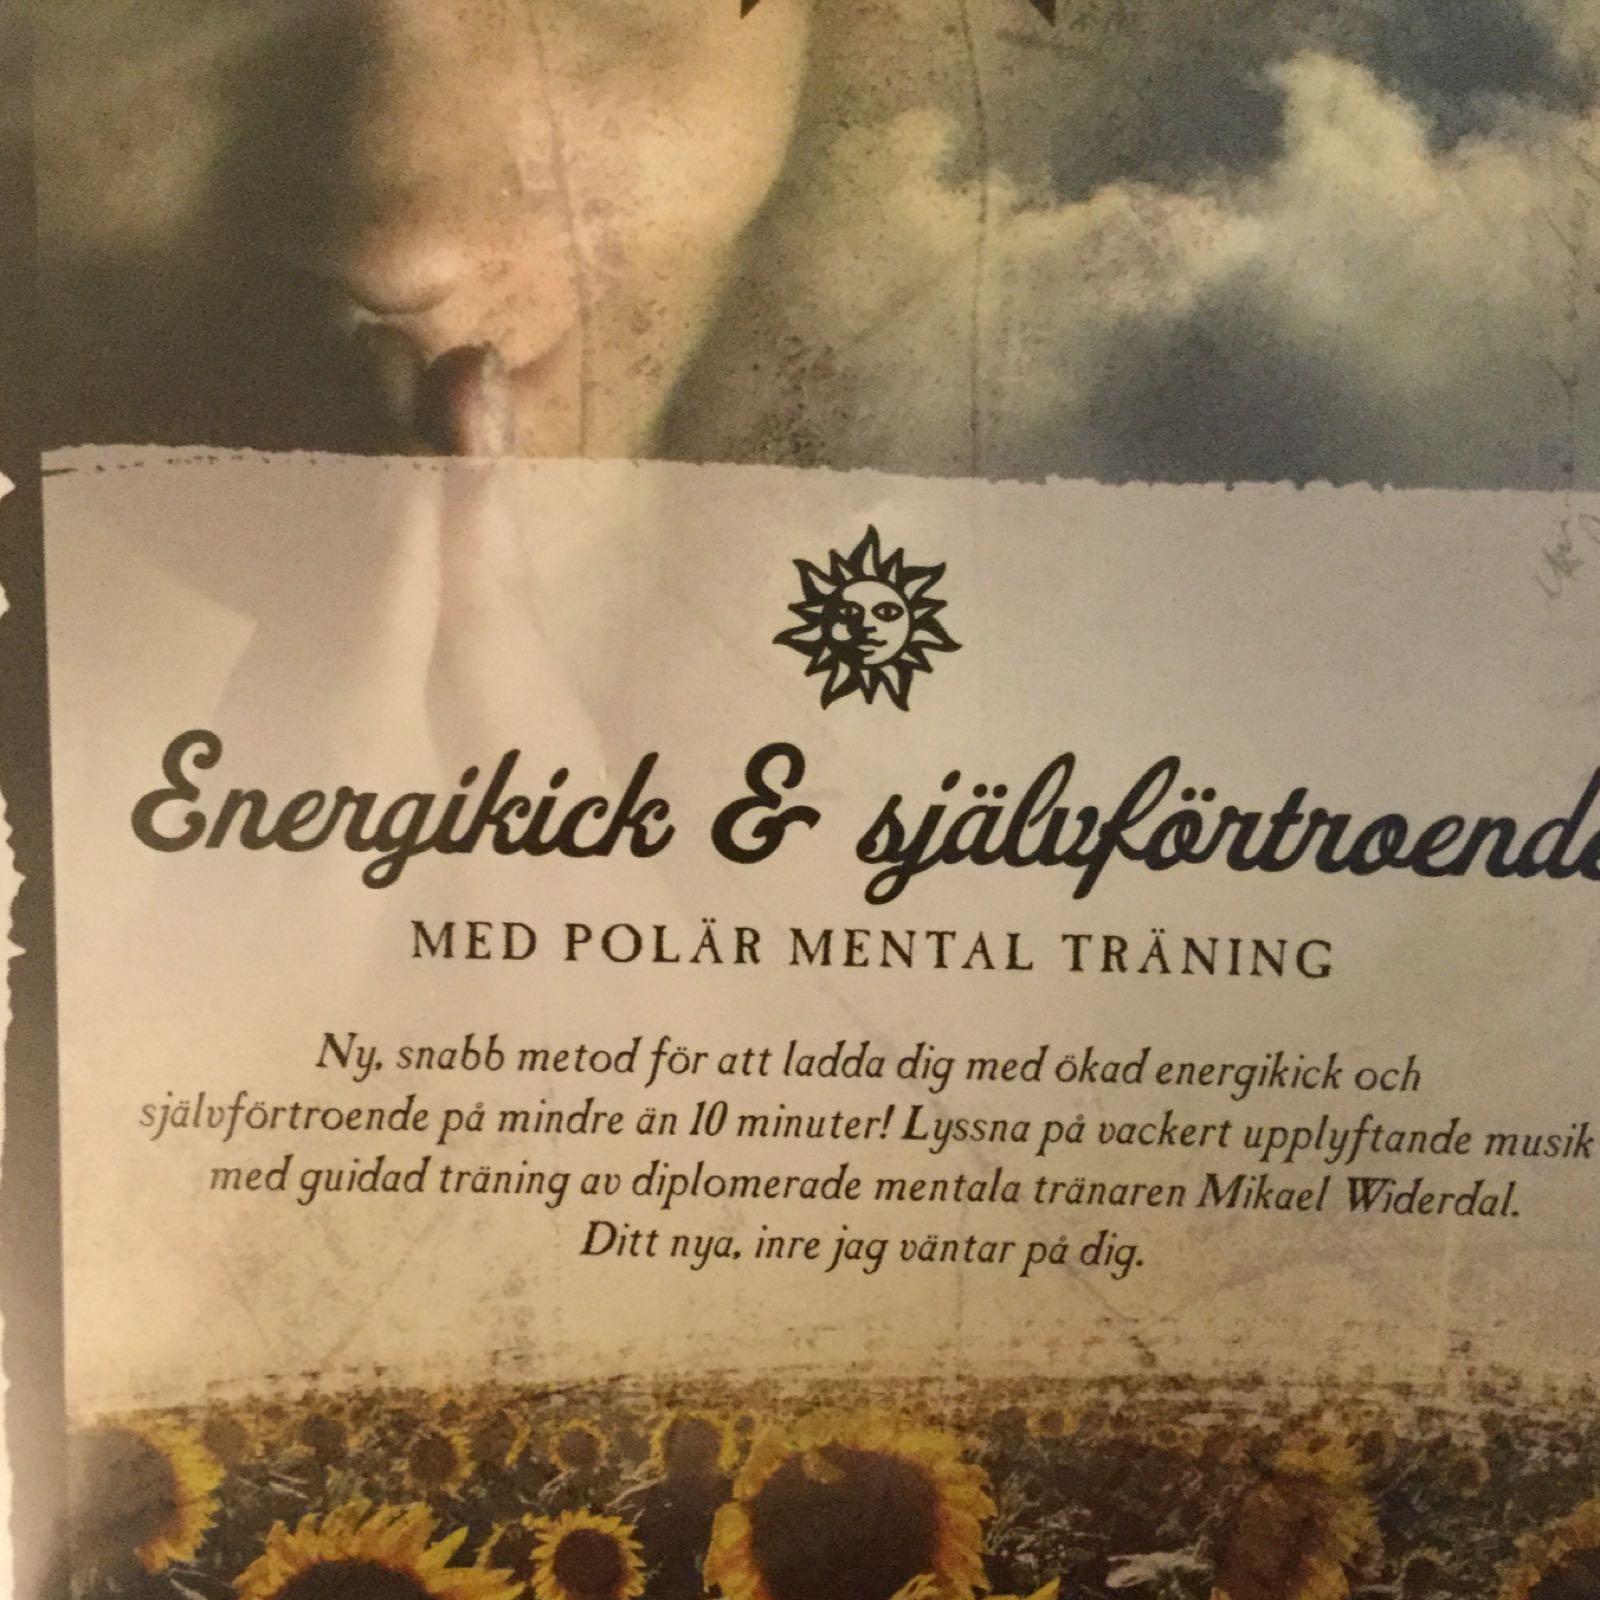 CD Energikick och självförtroende 199:-